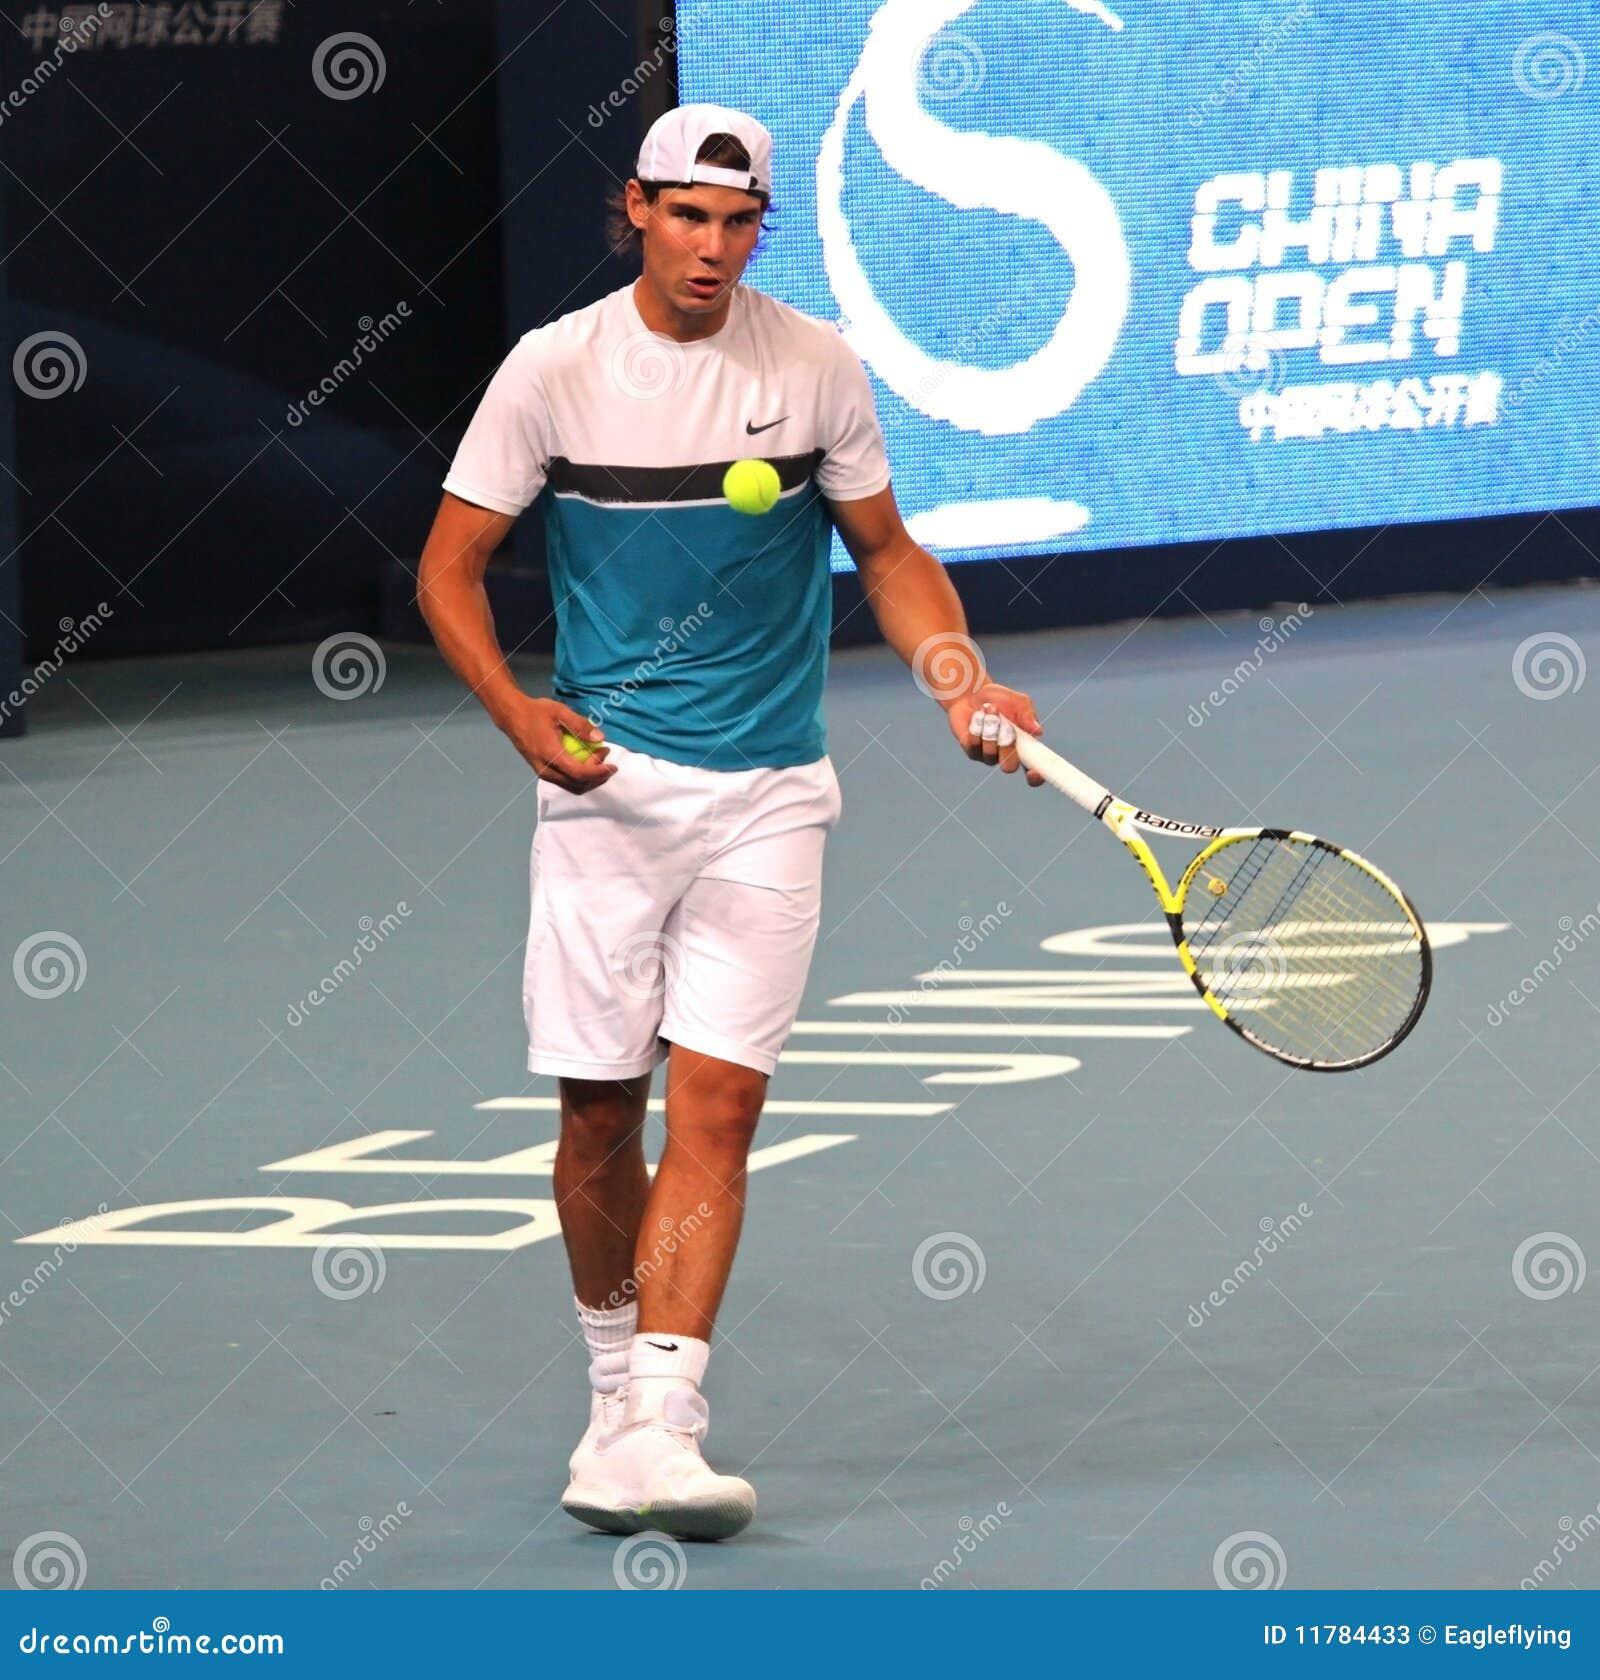 Rafael Nadal (ESPECIALMENTE), jugador de tenis profesional